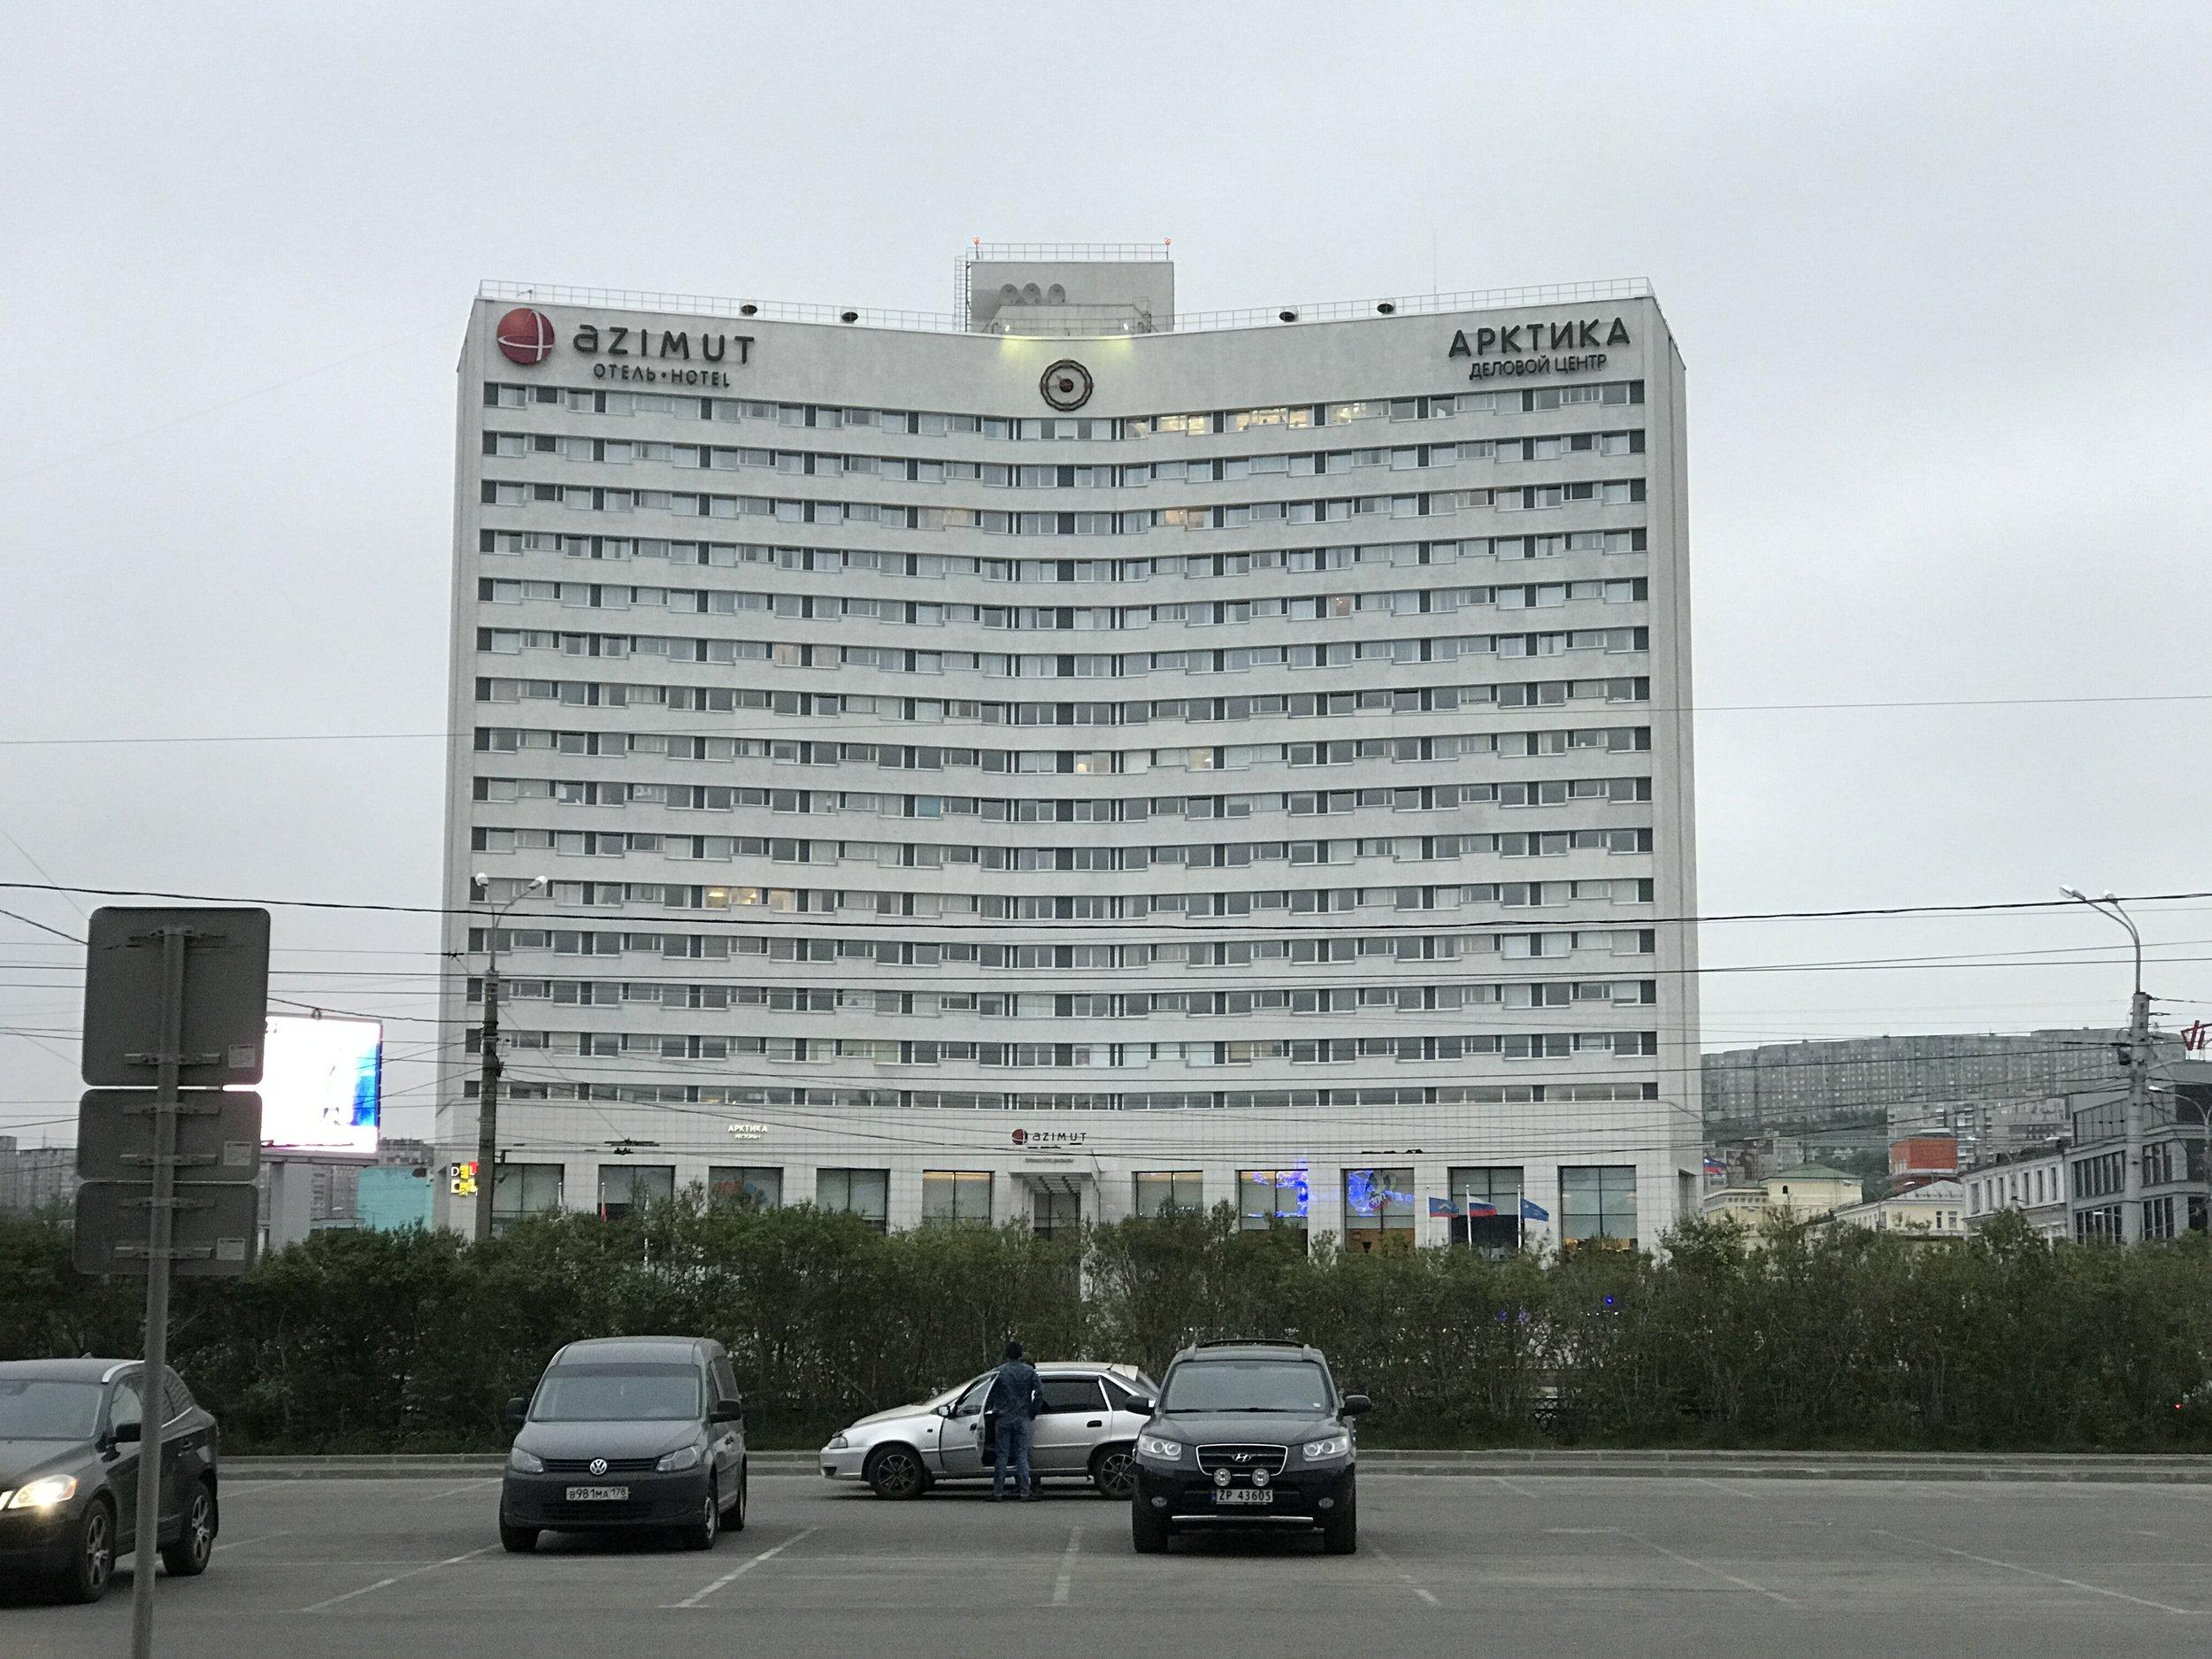 فندق ارتيكا - الفندق القطبي